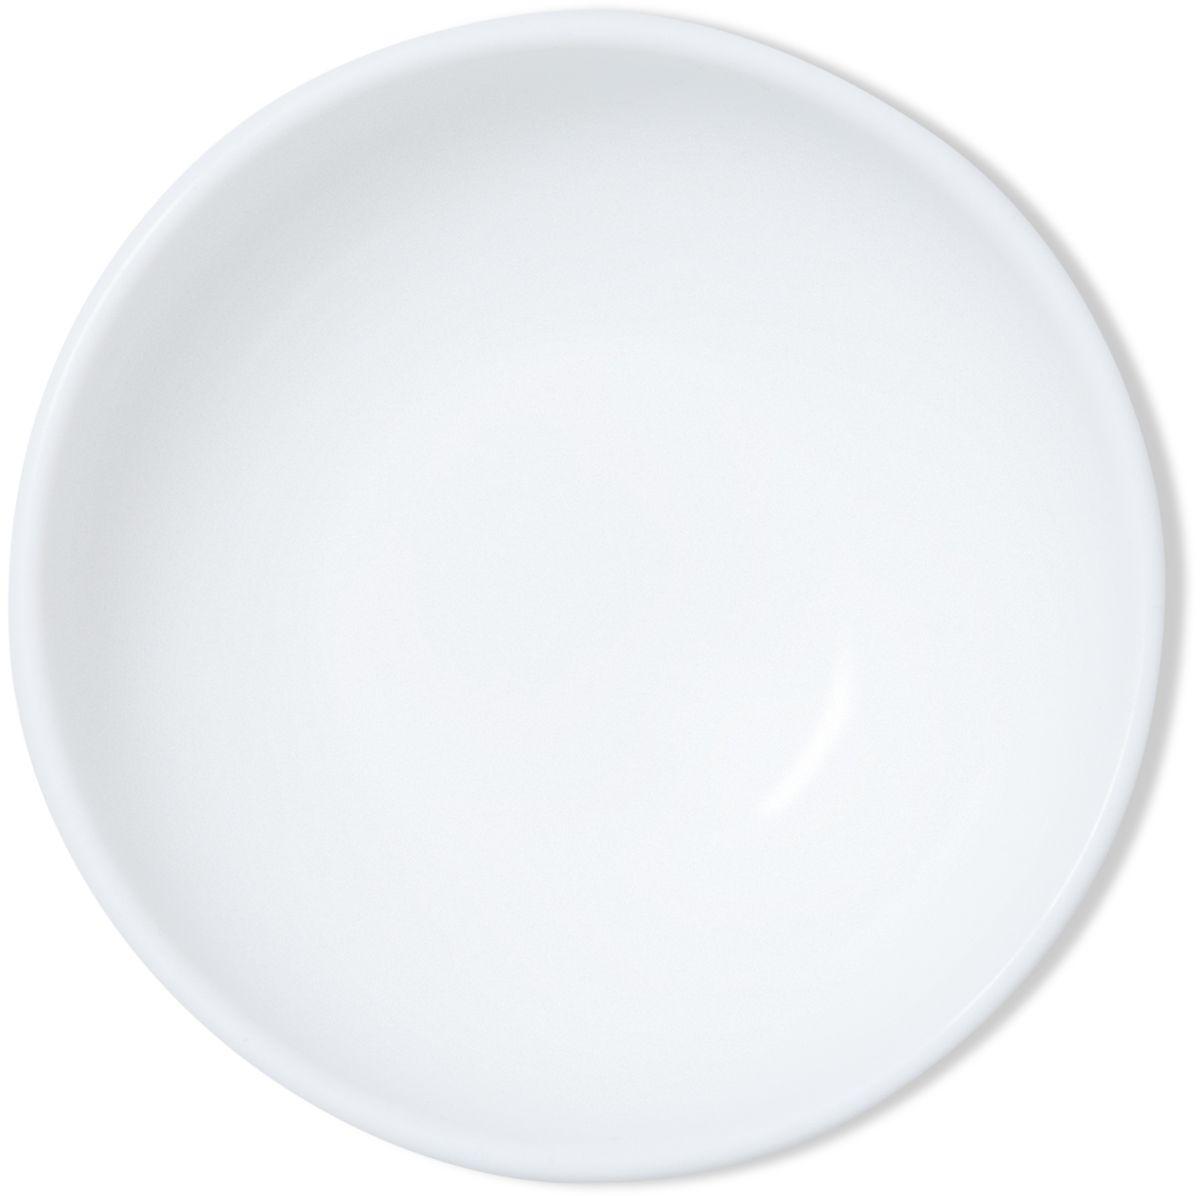 Миска Dosh l Home ADARA, цвет: белый, диаметр 14 см400207Элегантная миска Dosh l Home ADARA отлично подходит для стильной сервировки блюд и закусок. Изготовлена из высококачественного силикона белоснежного цвета. Силикон не впитывает запах и вкус продуктов, устойчив к царапинам.Подходит для микроволновой печи, холодильника. Можно мыть в посудомоечной машине.Мыть обычными моющими средствами, не использовать агрессивные вещества, металлические мочалки, острые предметы и т.д..Диаметр: 14 см.